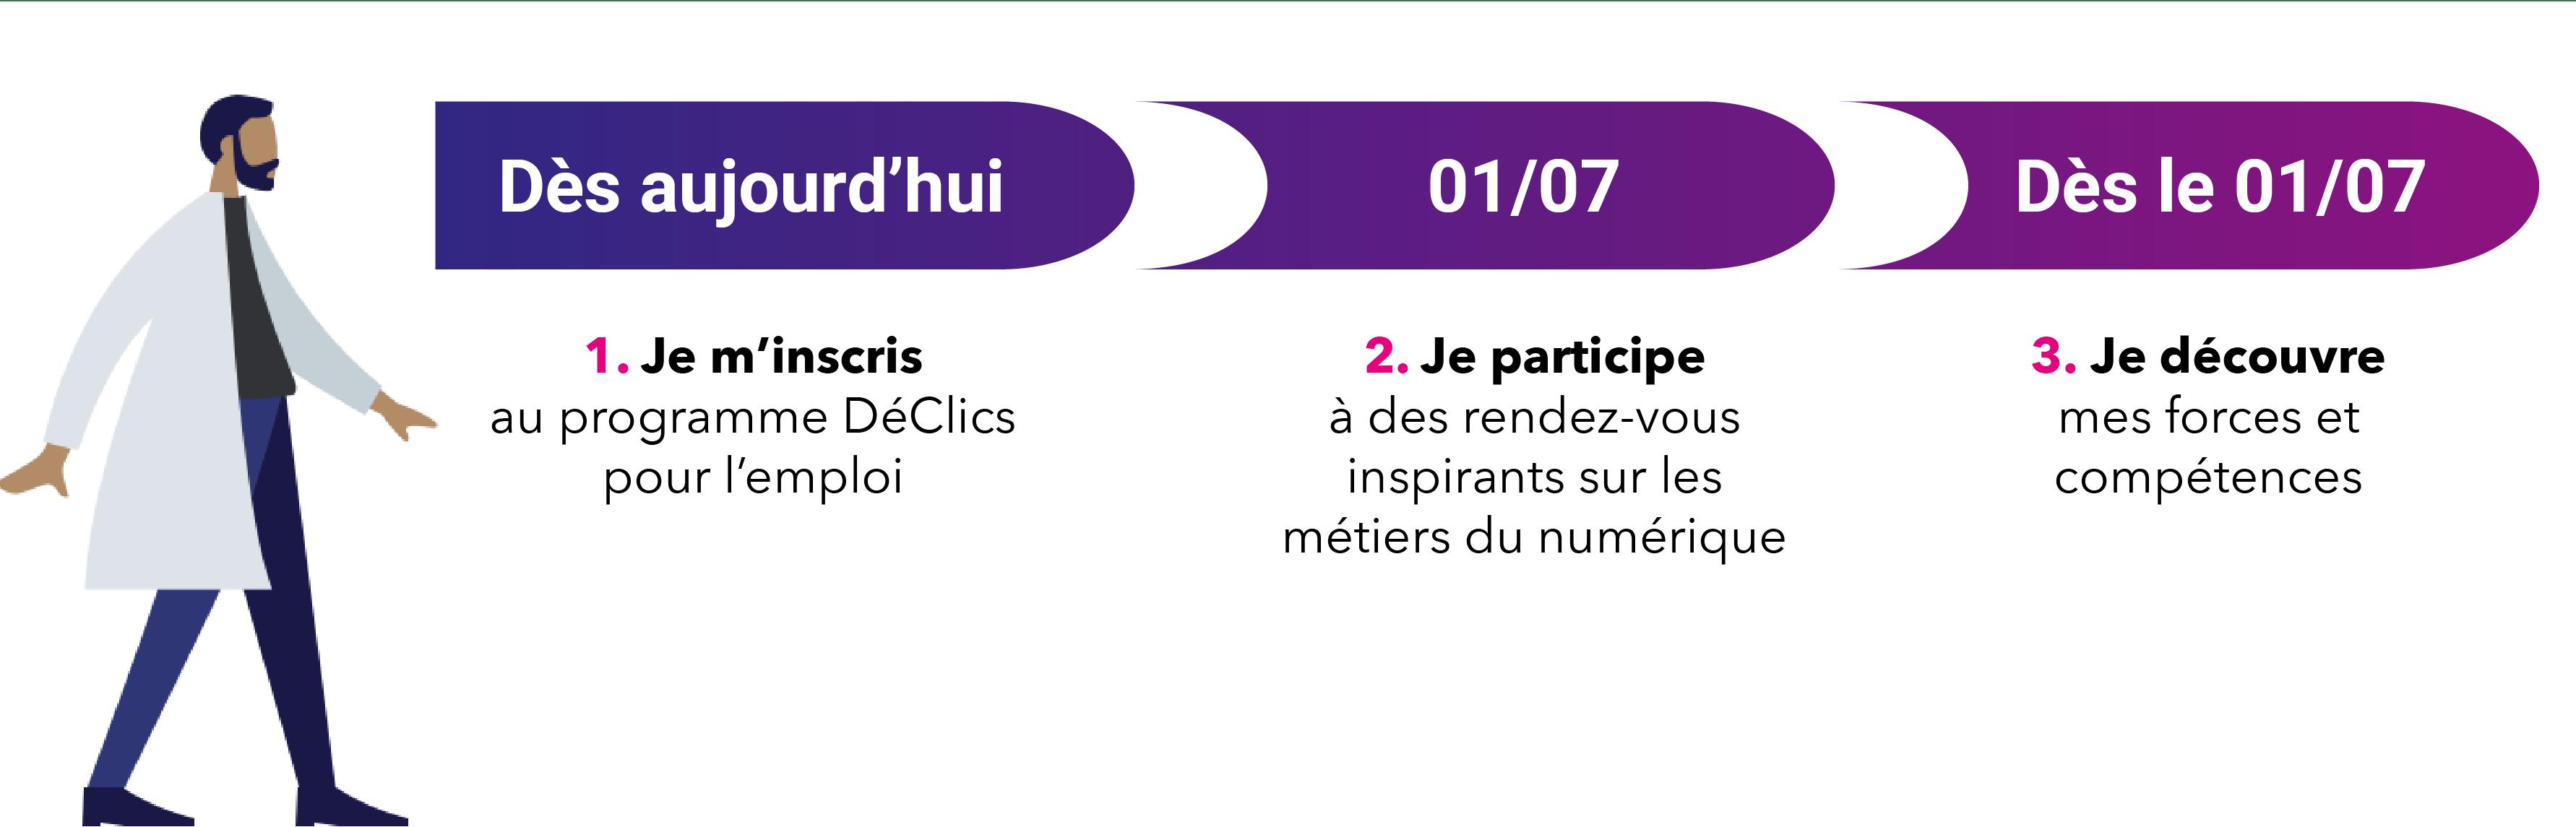 Frise-declics-chronologique-declics-pour-l-emploi-1